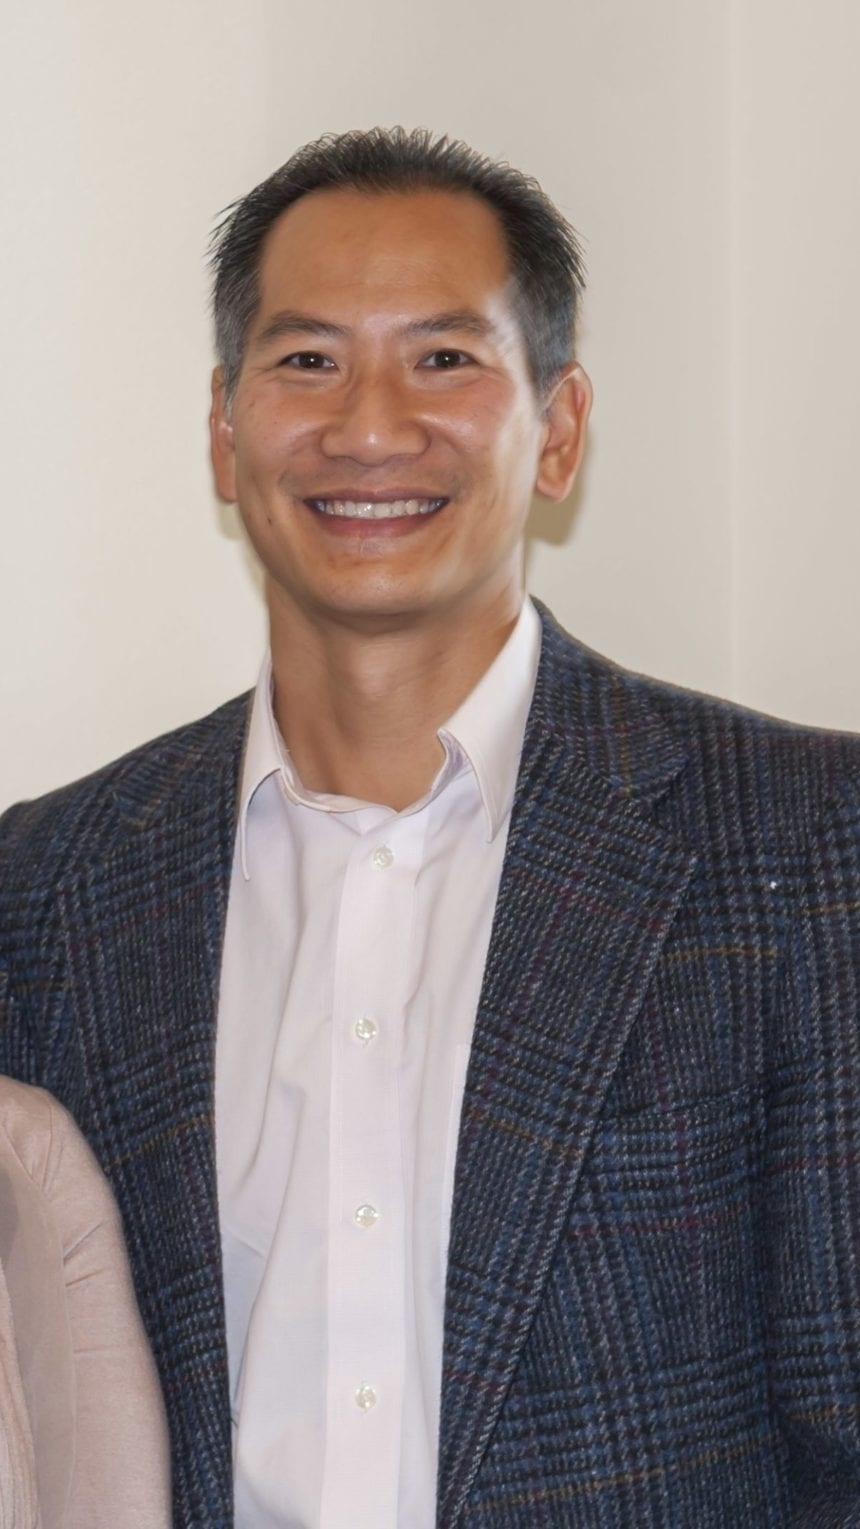 Linh Thai  - U.S. Army, Captain • District Representative for Congressman Adam Smith